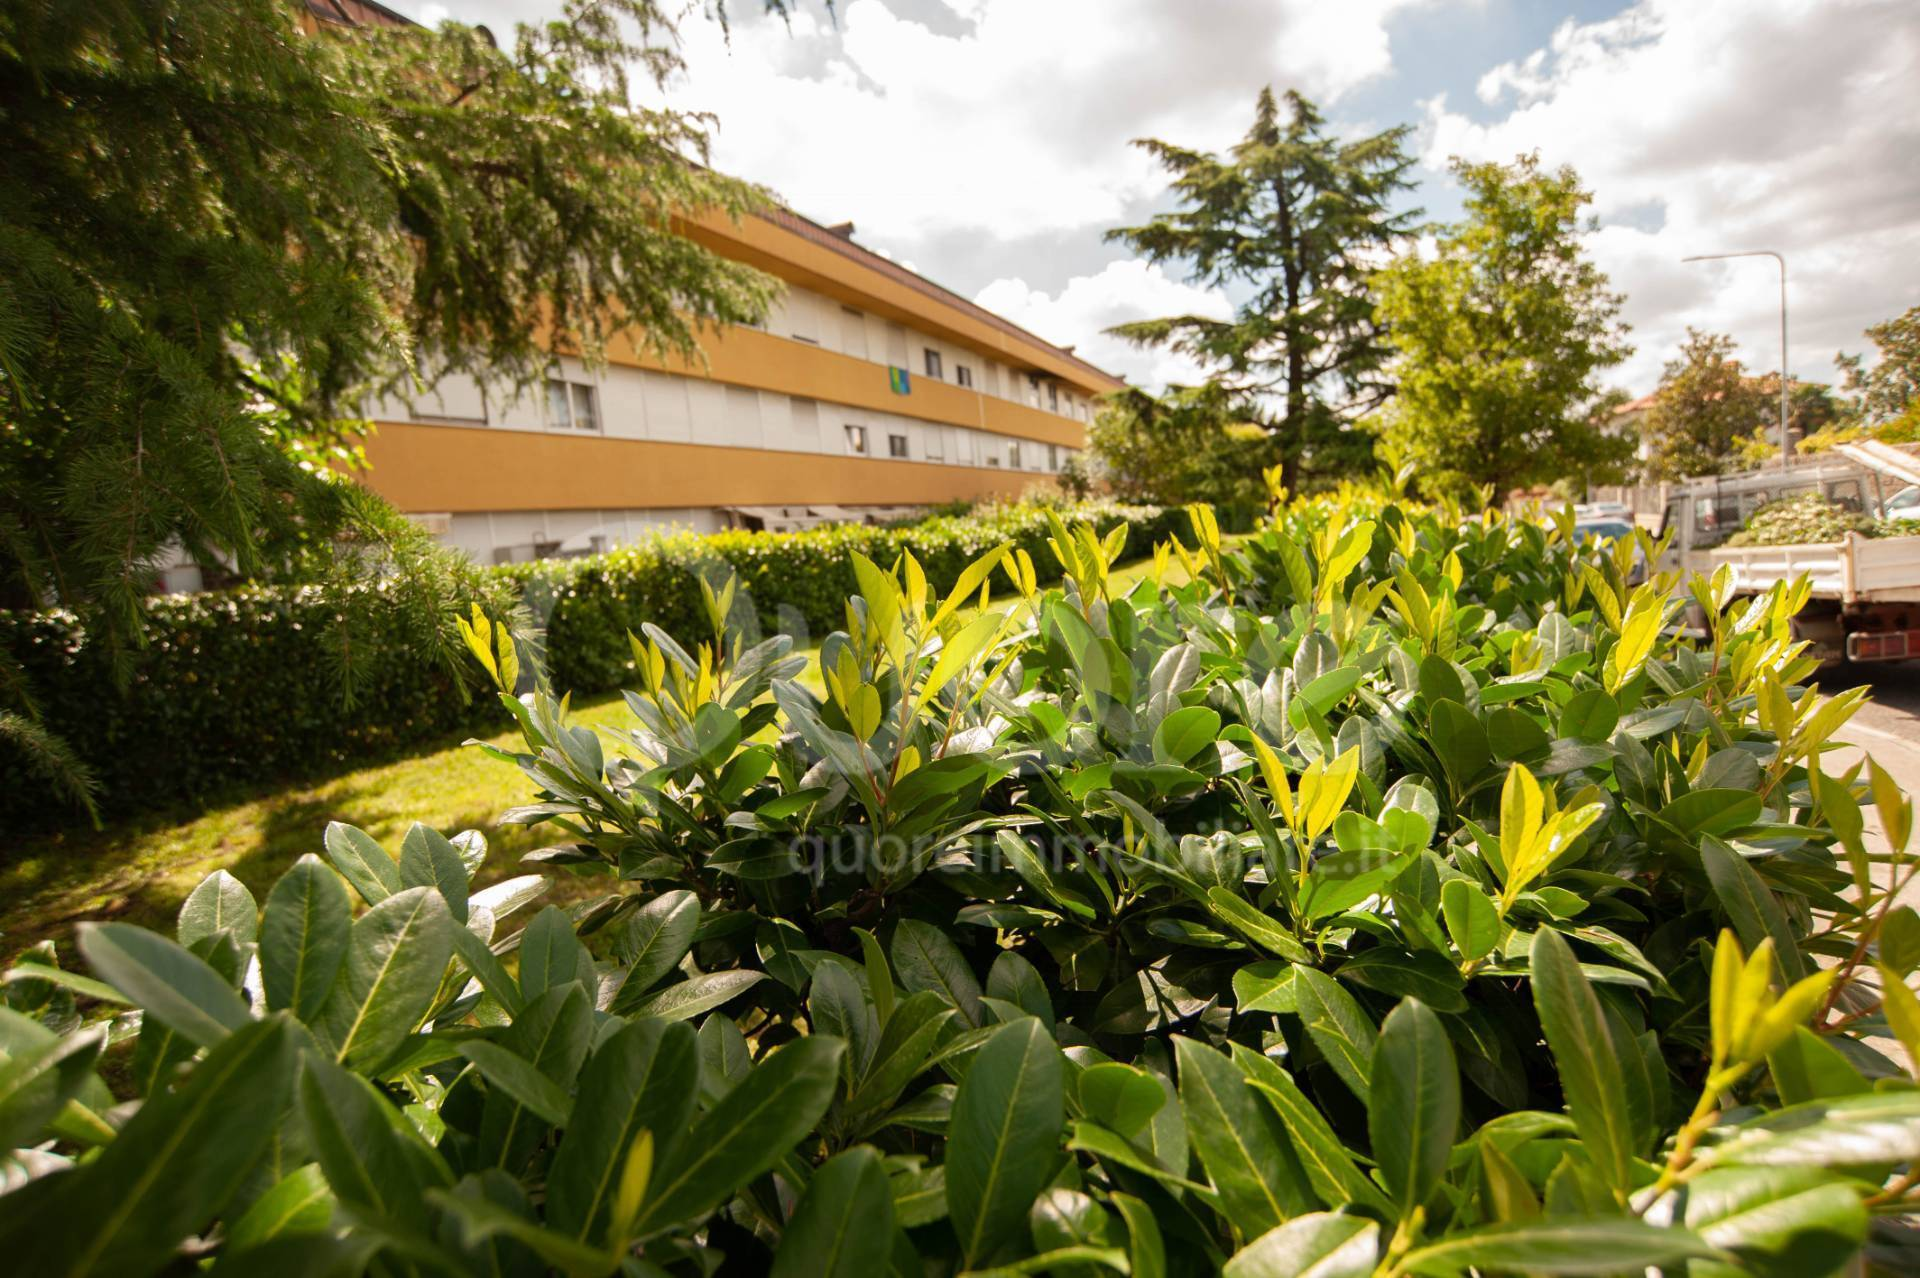 Appartamento in vendita a Udine, 2 locali, prezzo € 39.500 | CambioCasa.it